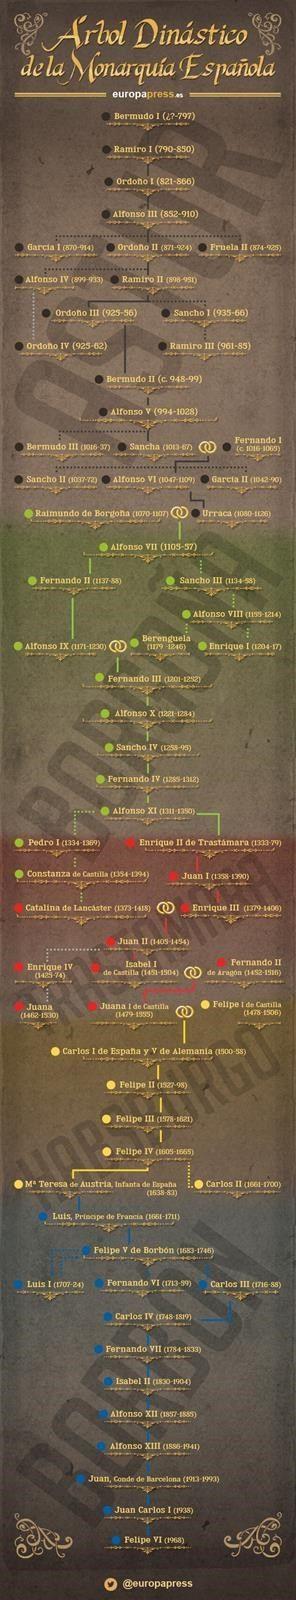 El árbol dinástico de la monarquía en España: las biografías de todos los reyes desde Bermudo I hasta Felipe VI